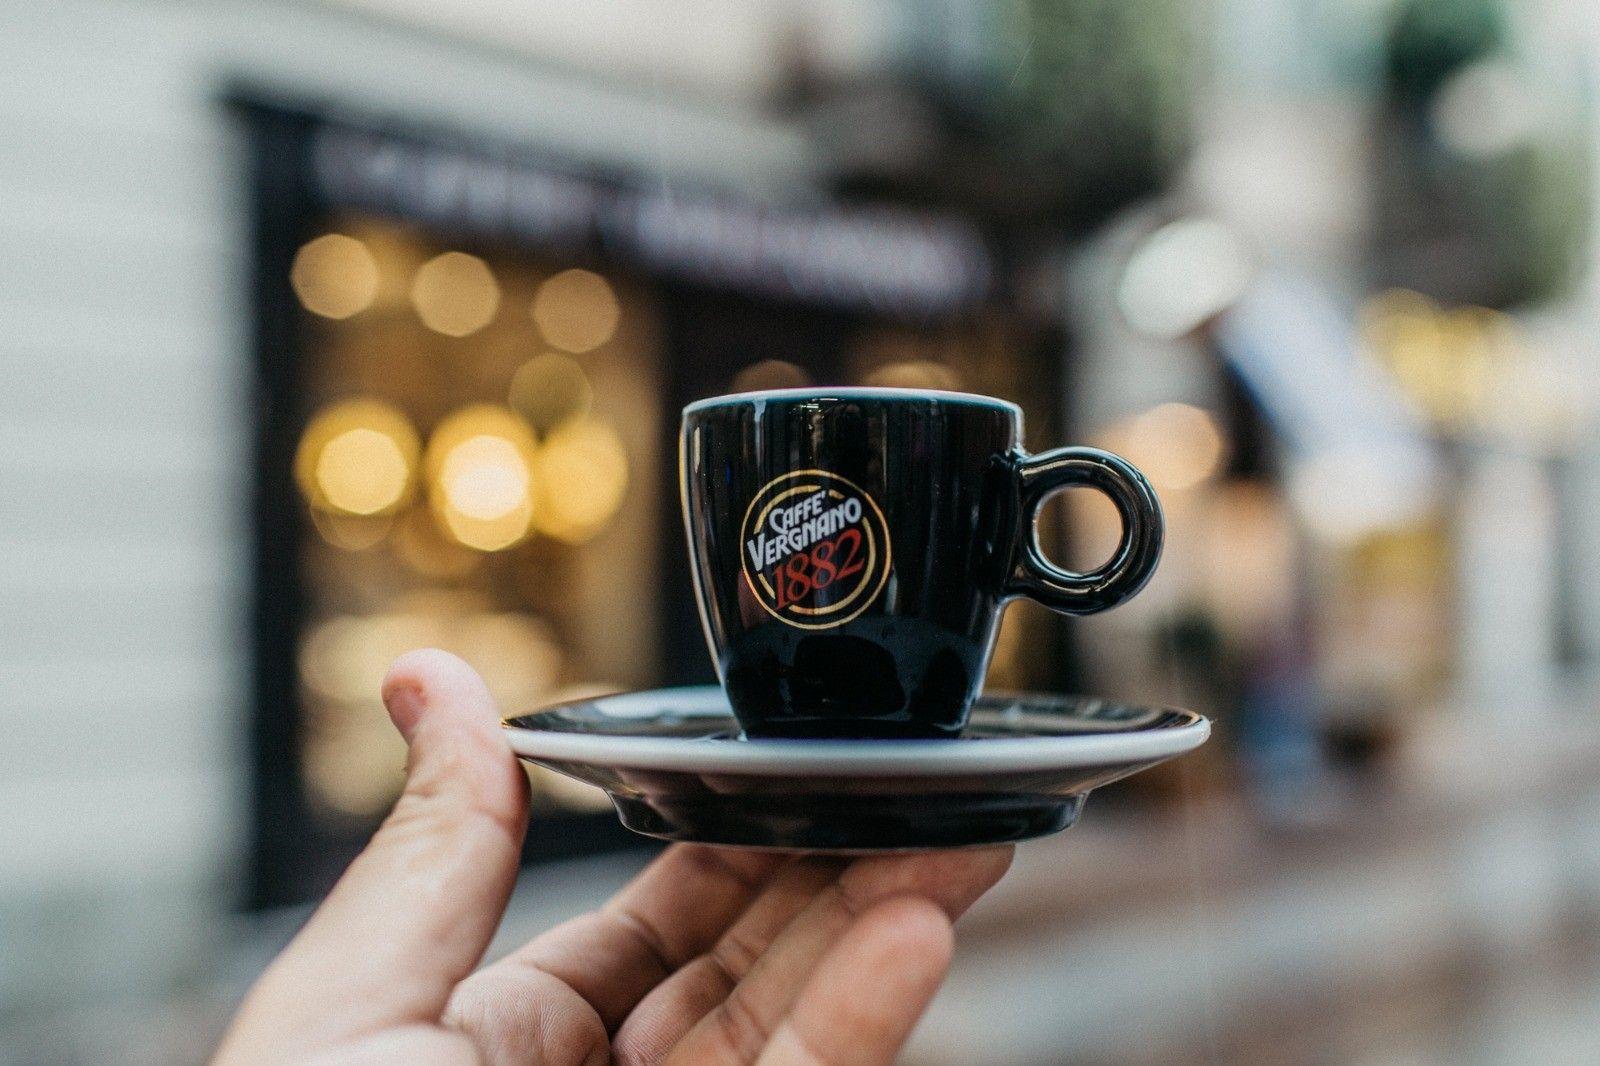 Alla scoperta della tazzina perfetta per bere il caffè espresso